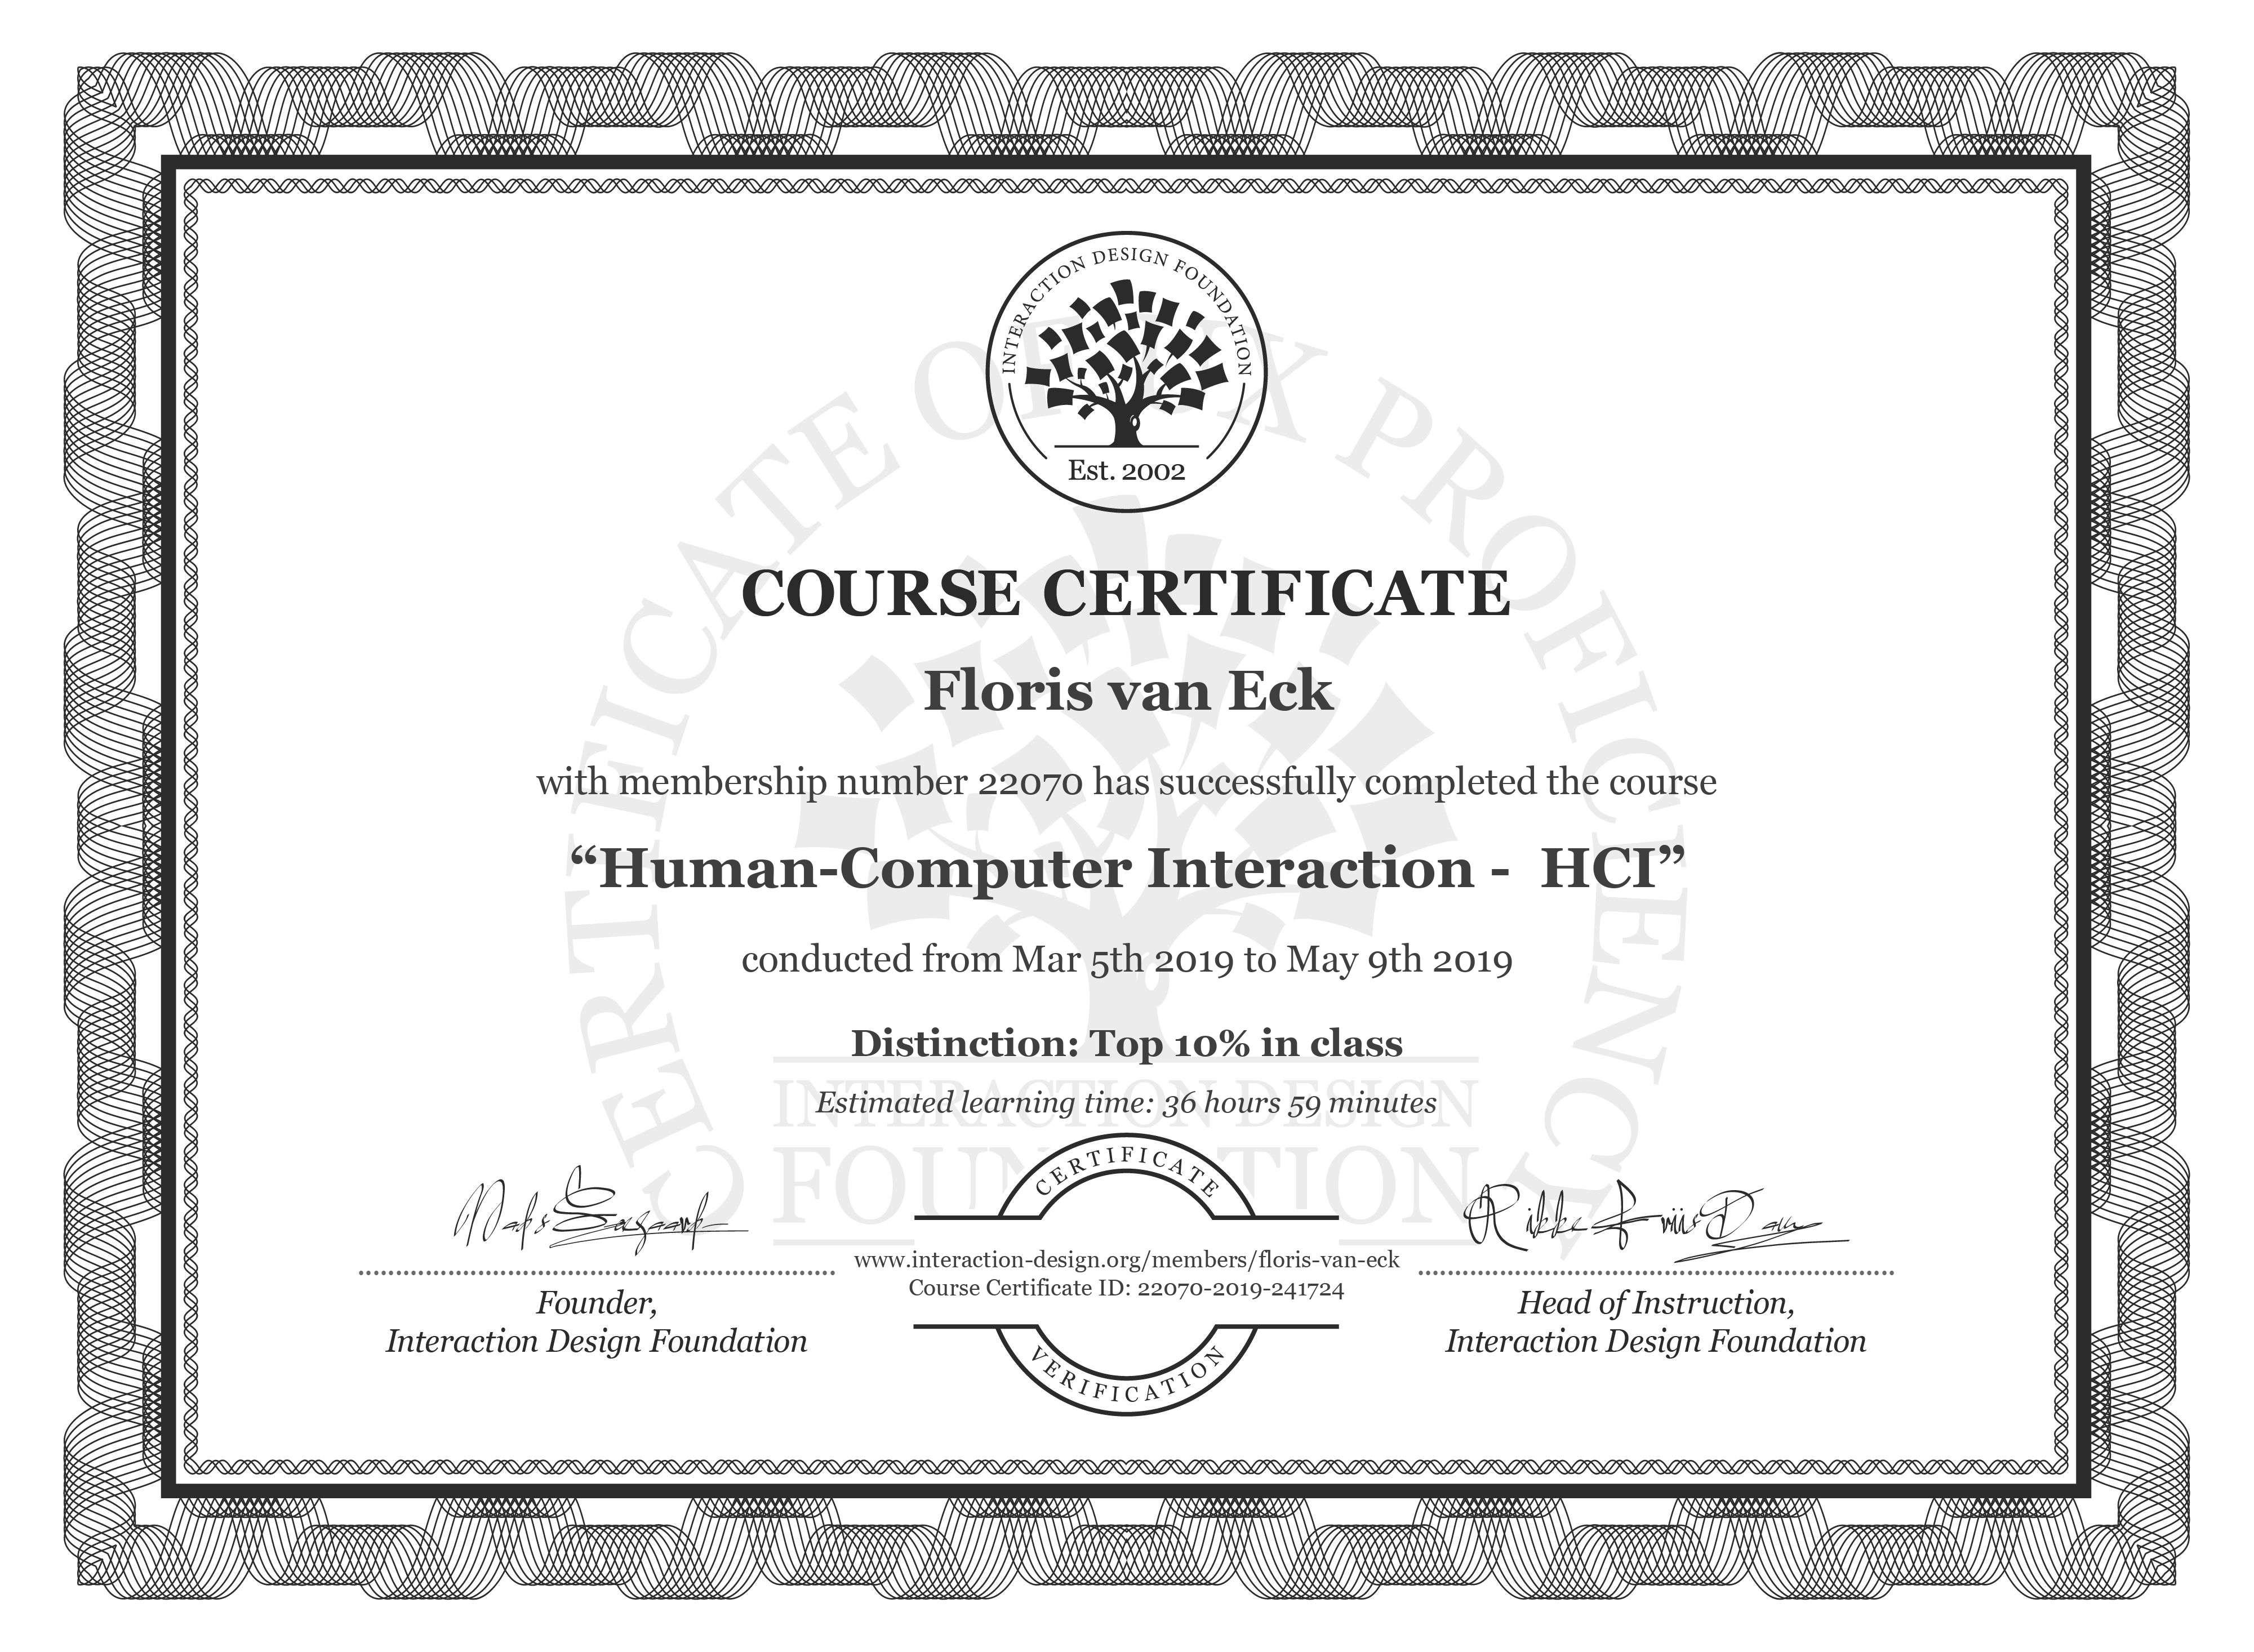 Floris van Eck's Course Certificate: Human-Computer Interaction -  HCI